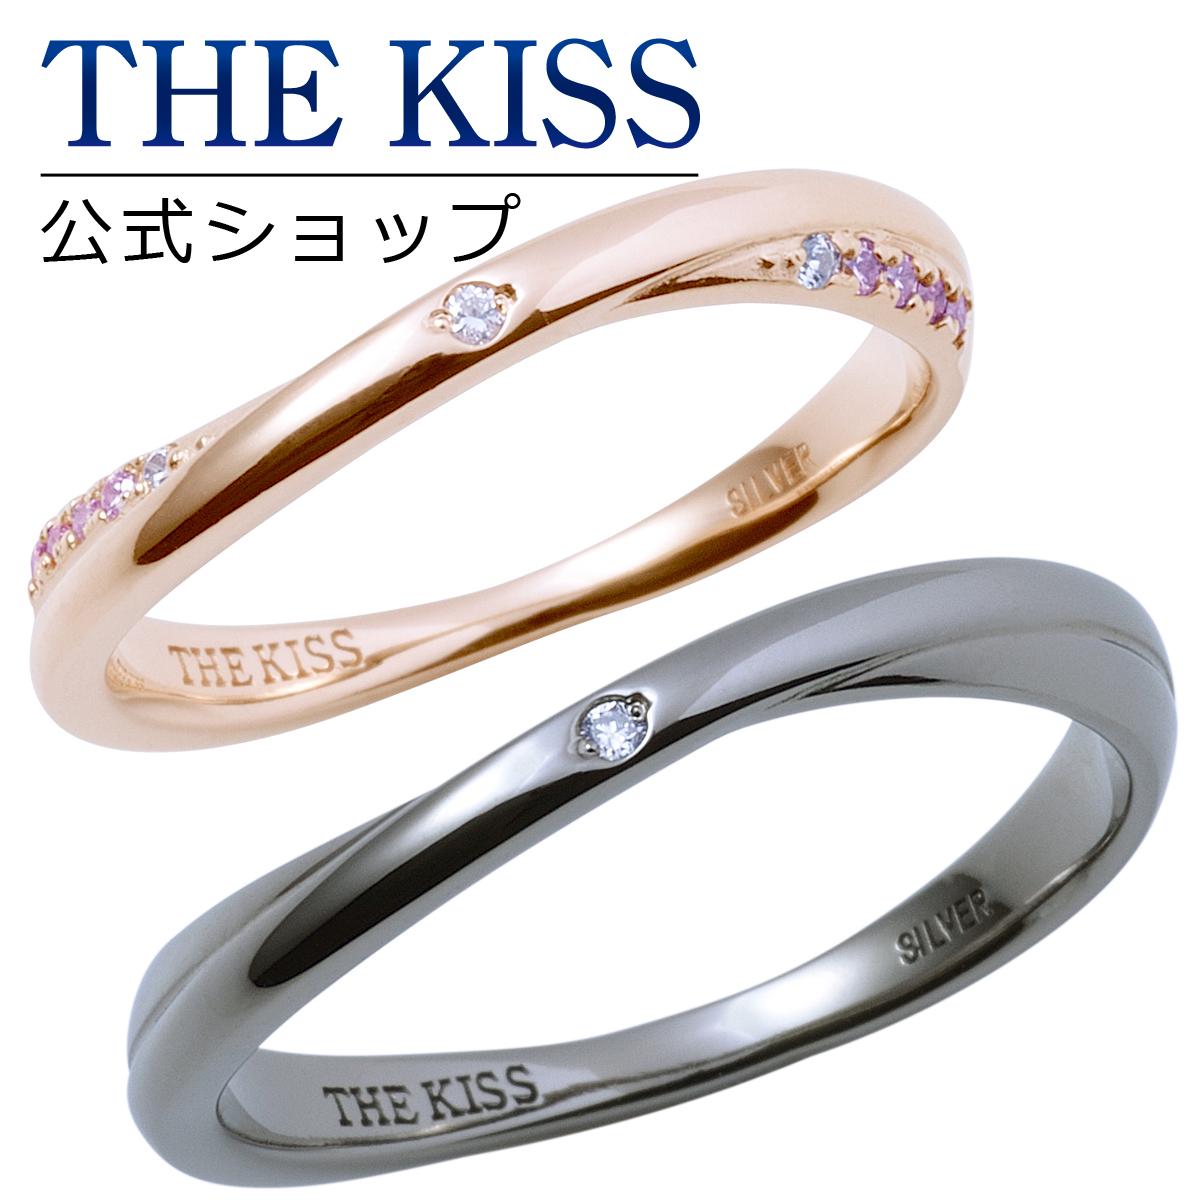 【あす楽対応】【2018年クリスマス限定】THE KISS 公式サイト シルバー ペアリング ダイヤモンド ペアアクセサリー カップル に 人気 の ジュエリーブランド THEKISS ペア リング・指輪 記念日 プレゼント 2018-01RPI-BK セット シンプル ザキス 【送料無料】